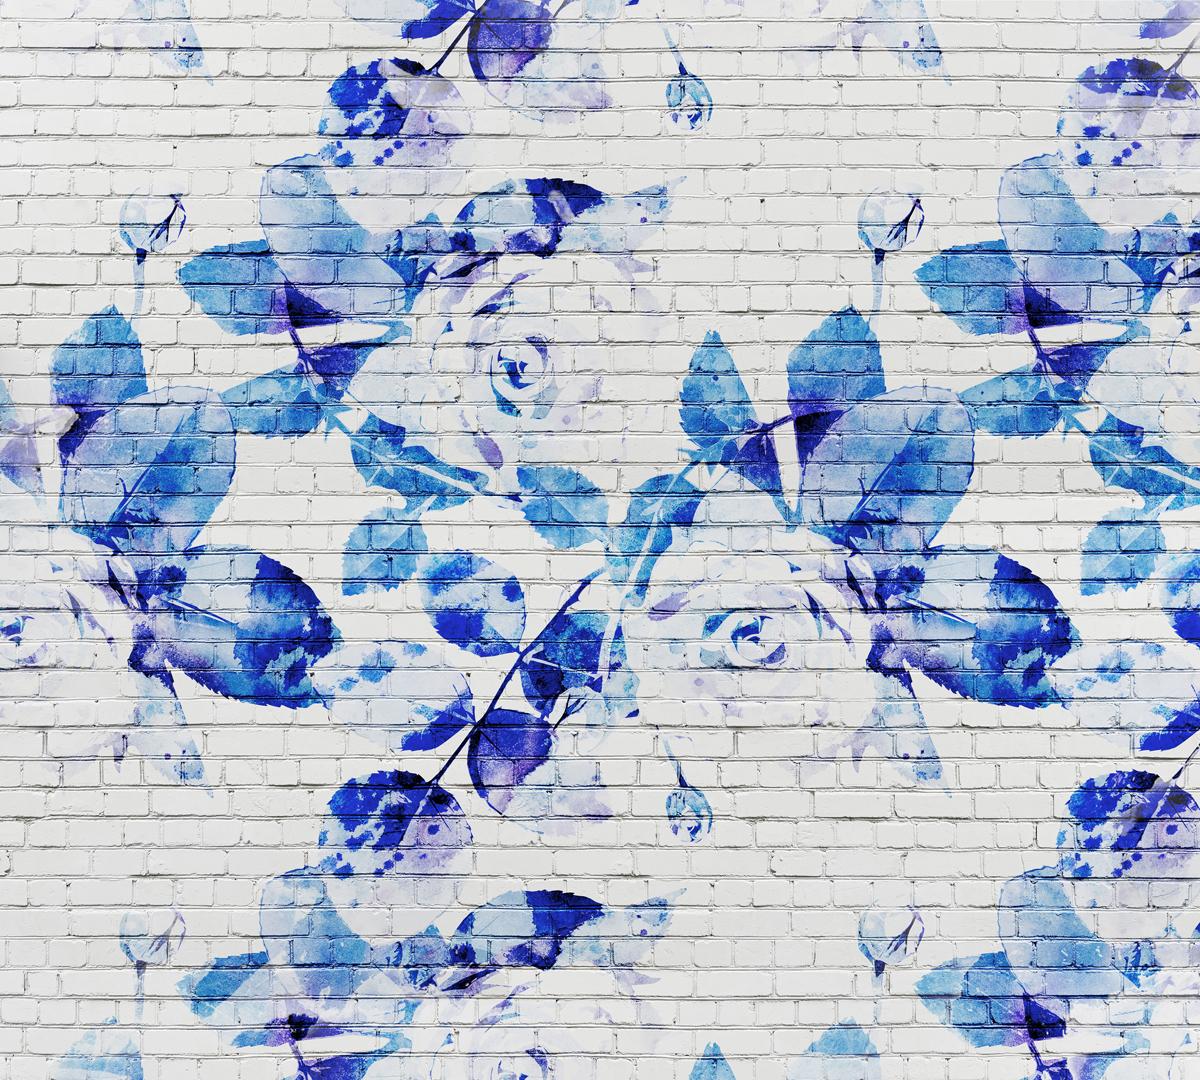 Фотообои Barton Wallpapers Цветы, 300 x 270 см. F21903F21903Фотообои Barton Wallpapers позволят создать неповторимый облик помещения, в котором они размещены. Фотообои наносятся на стены тем же способом, что и обычные обои. Рельефная структура основы делает фотообои необычными, неповторимыми, глубокими и манящими.Фотообои снова вошли в нашу жизнь, став модным направлением декорирования интерьера. Выбрав правильную фактуру и сюжет изображения можно добиться невероятного эффекта живого присутствия.